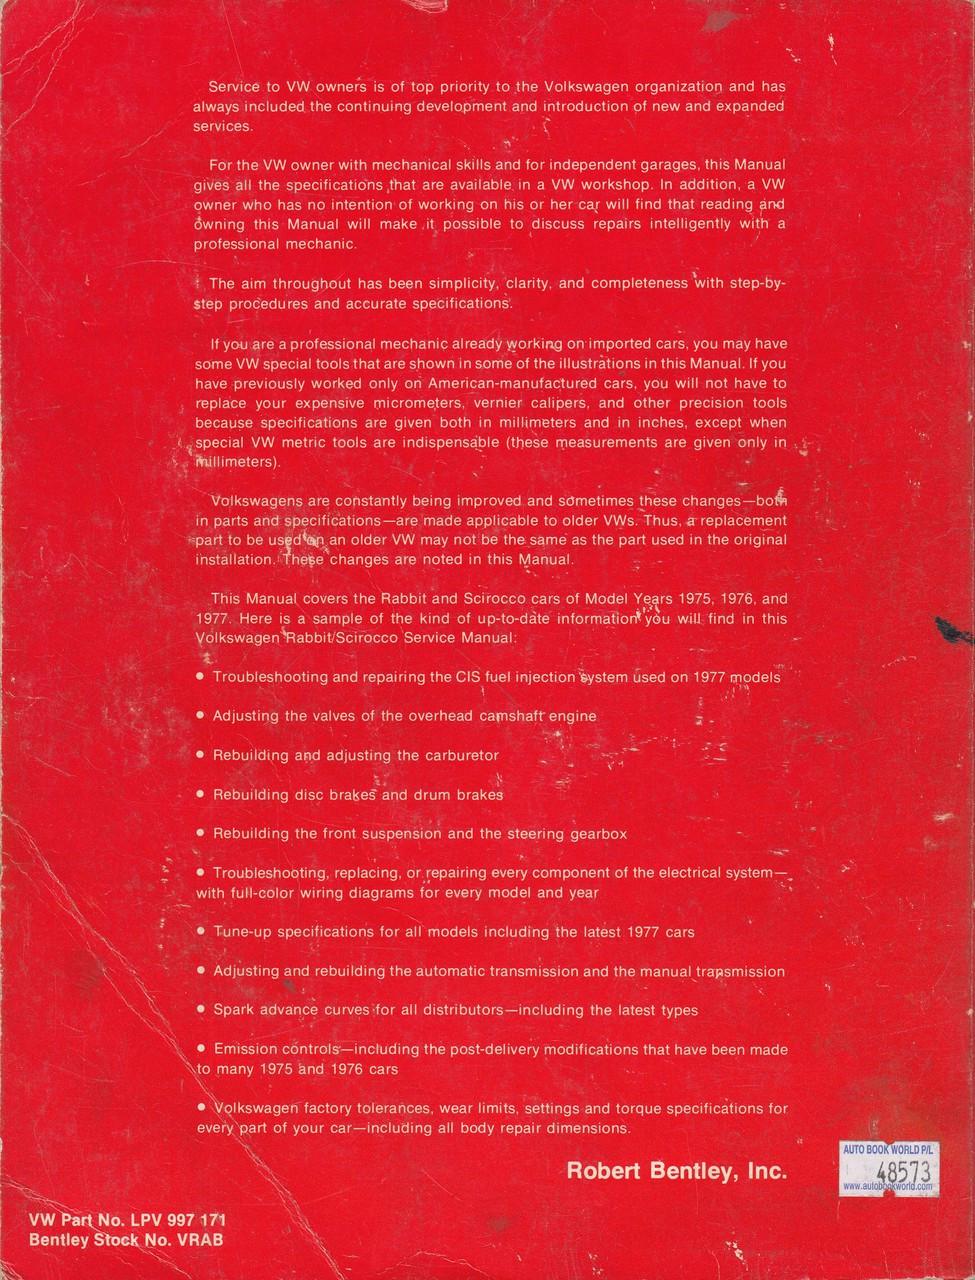 robert bentley manuals vw